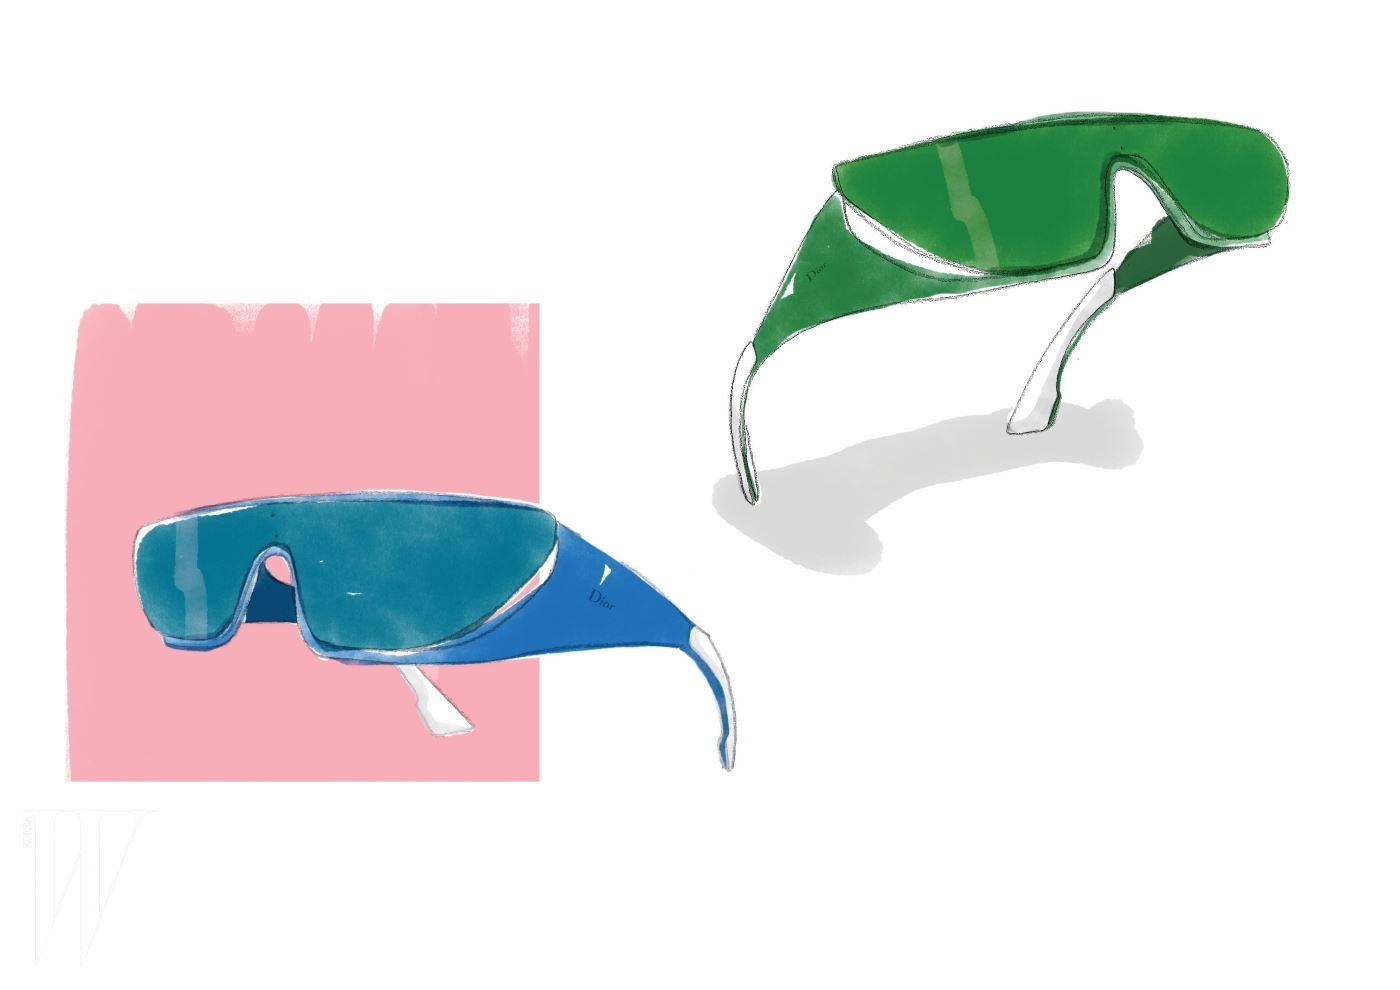 다양한 색상의 리한나 선글라스 일러스트.